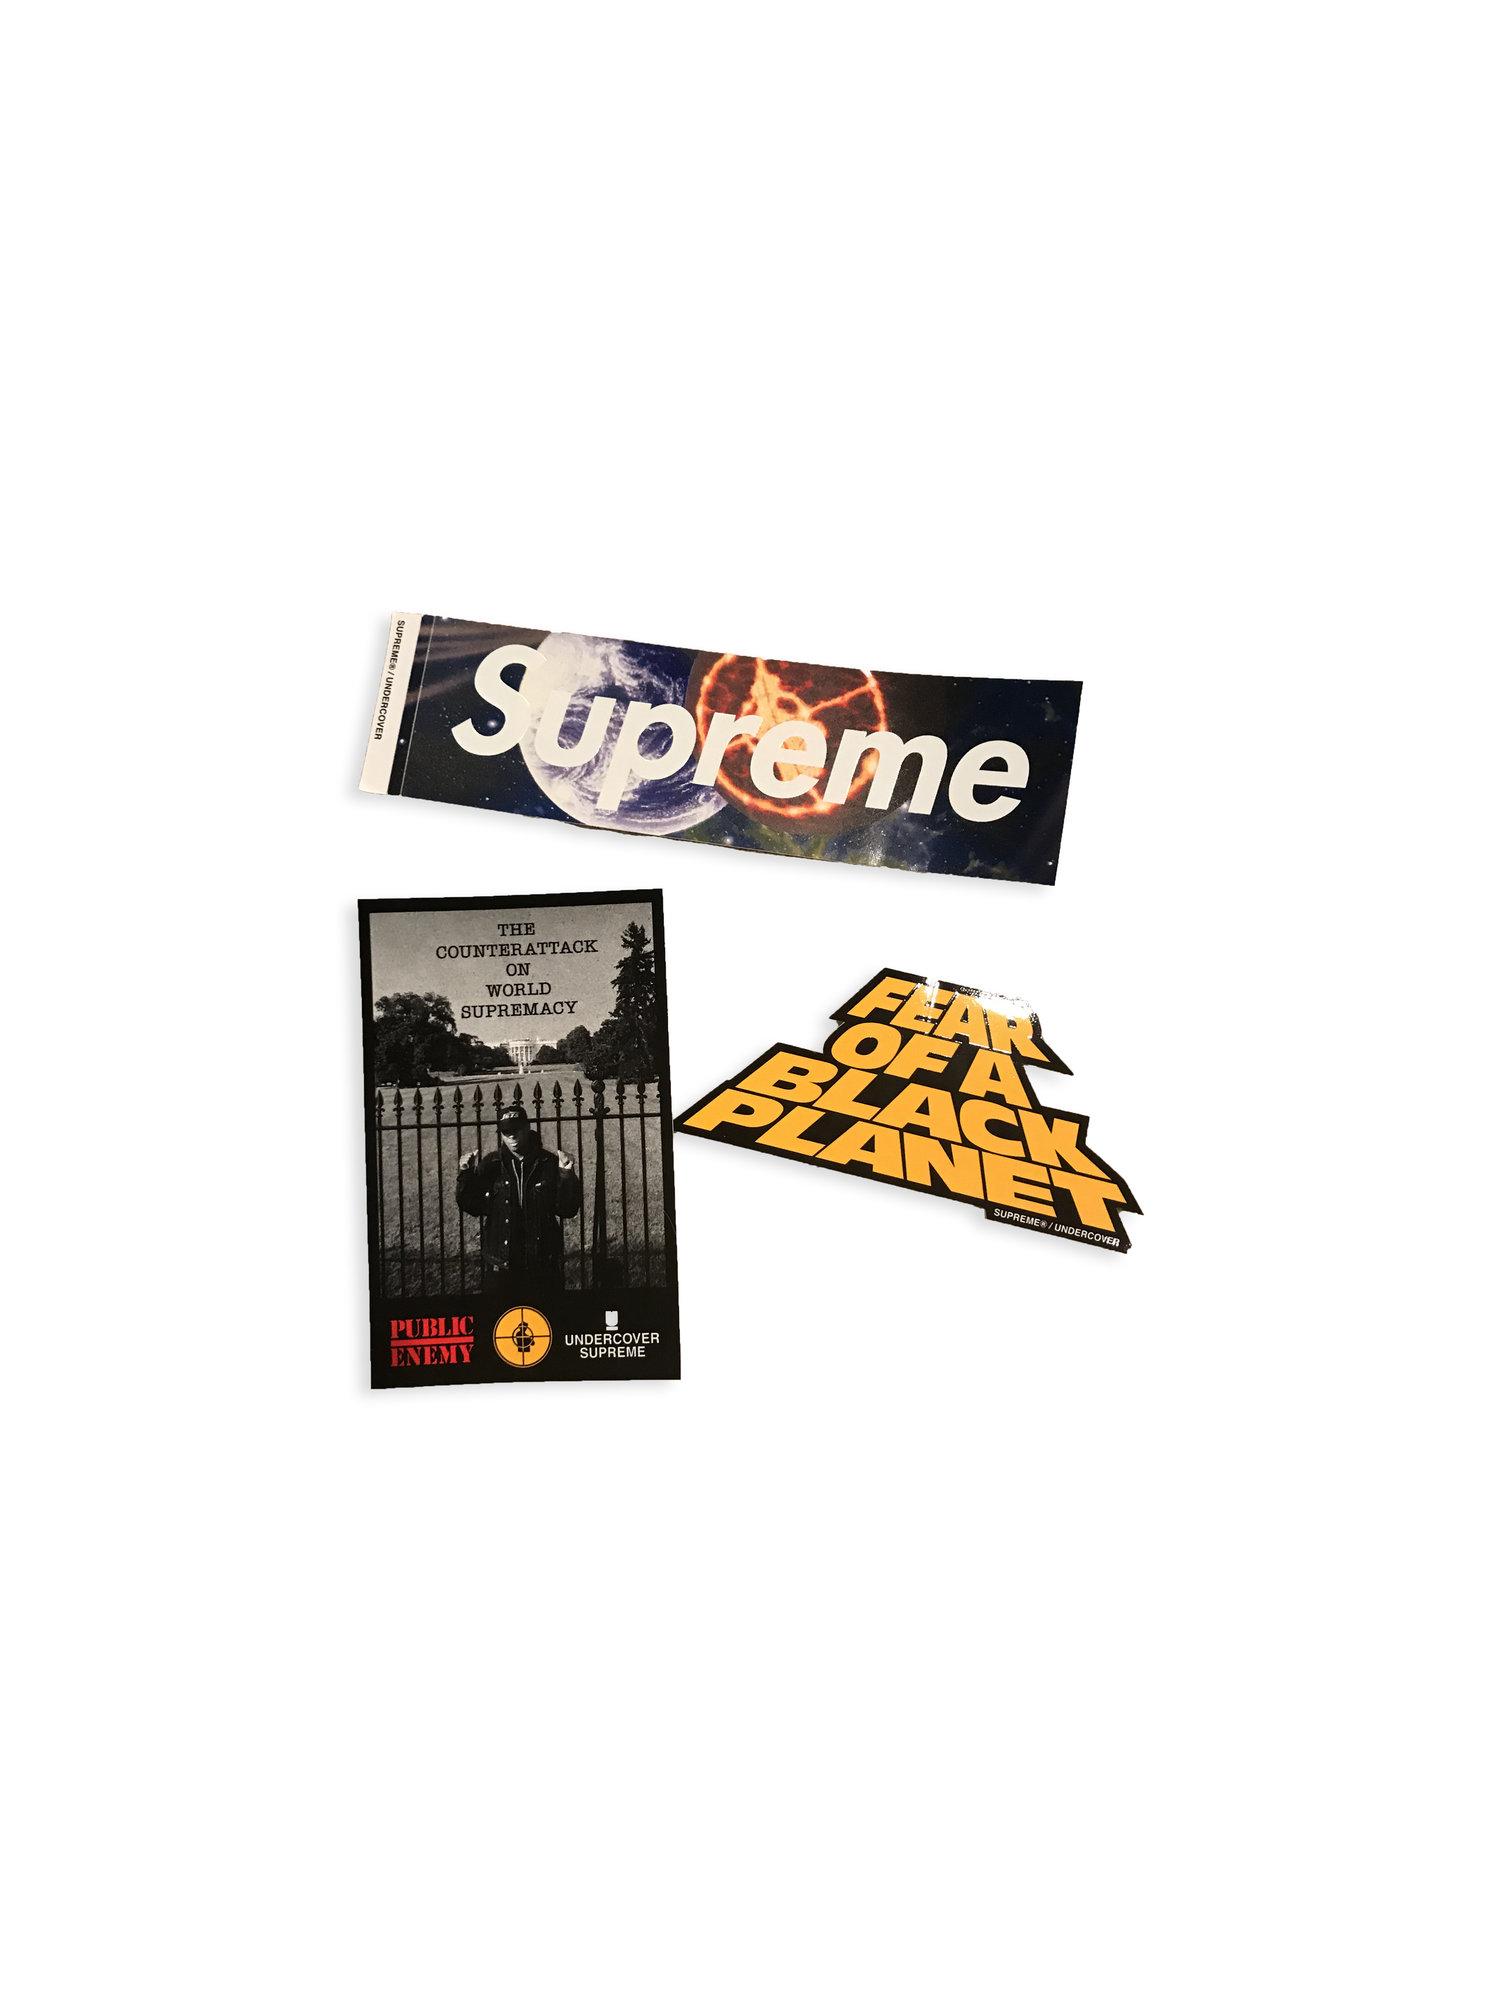 Public Enemy X Supreme Sticker Pack Digital Thrift